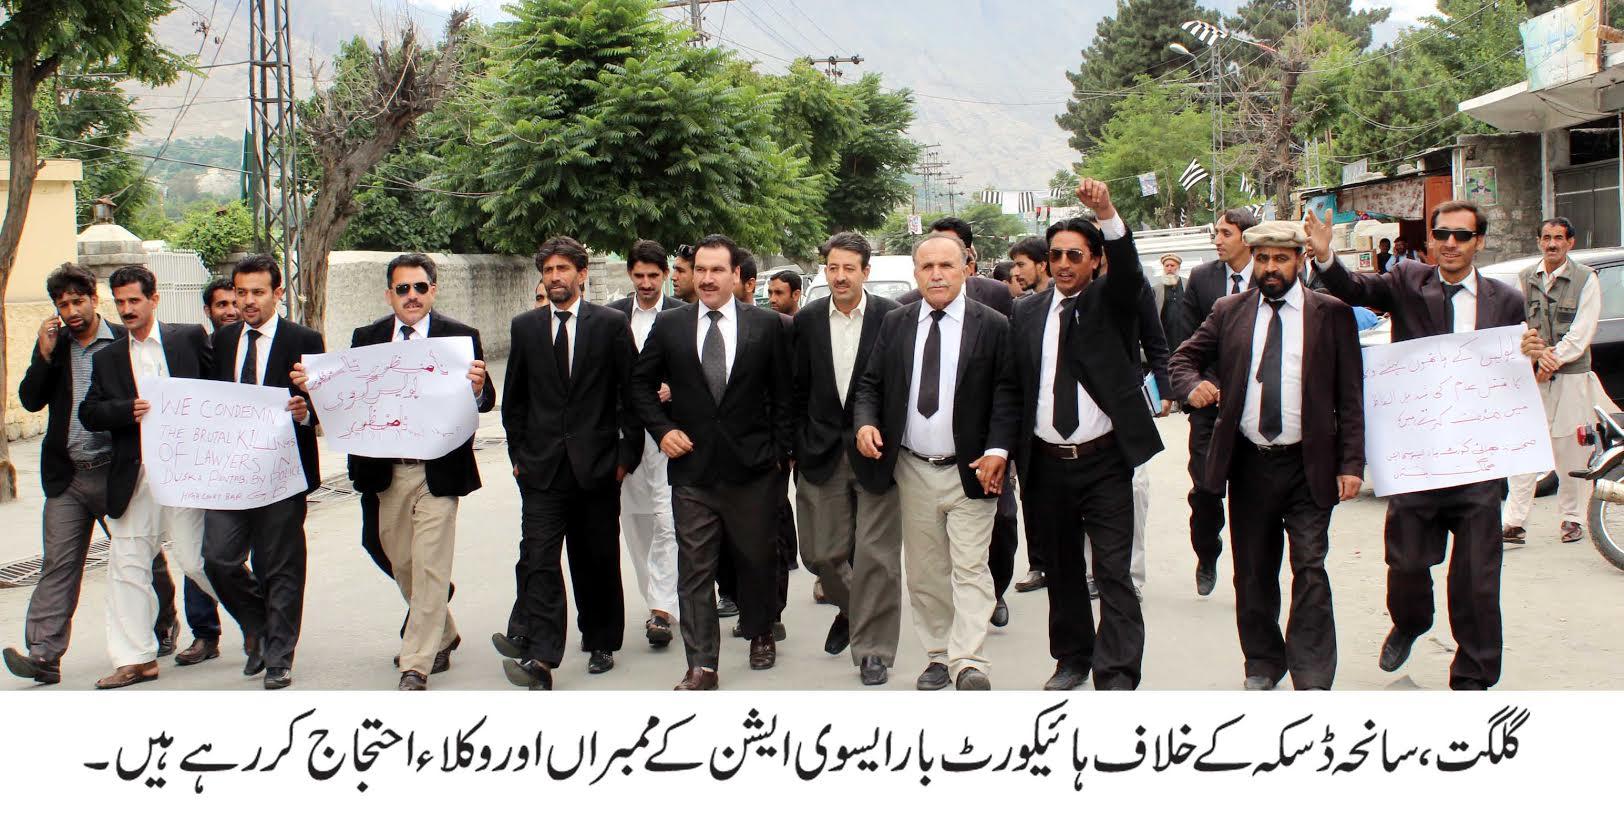 سانحہ ڈسکہ کے خلاف گلگت میں وکلاء نے عدالتی امور کا بائیکاٹ اوراحتجاج کیا